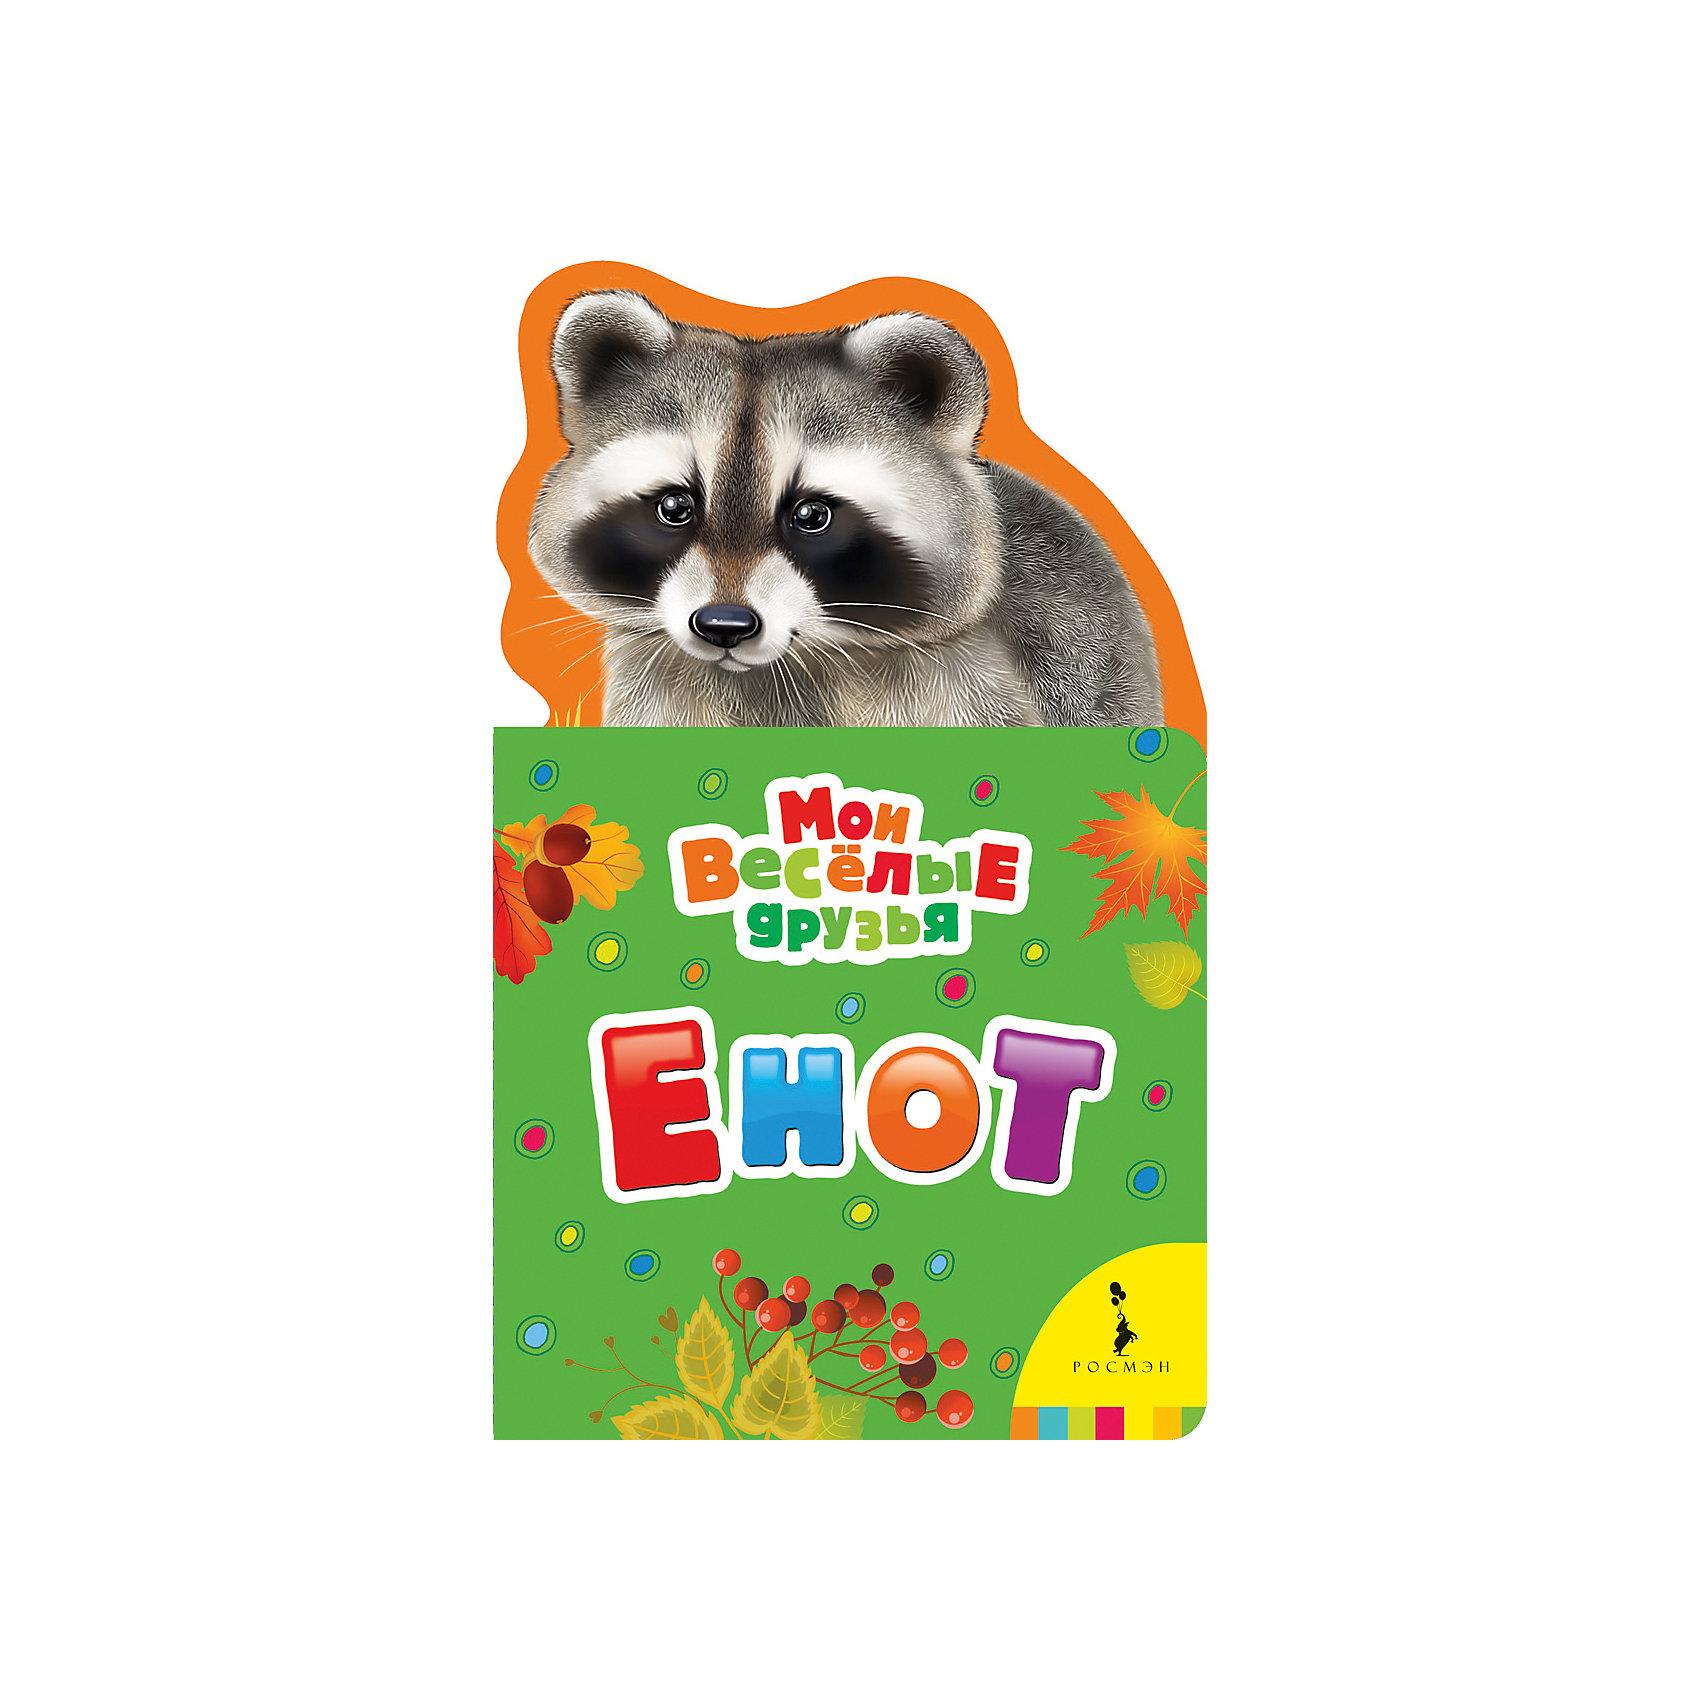 Енот, Мои веселые друзьяХарактеристики товара:<br><br>- цвет: разноцветный;<br>- материал: картон;<br>- страниц: 12;<br>- формат: 21 х 13 см;<br>- обложка: картон;<br>- с вырубкой. <br><br>Издания серии Мои веселые друзья - отличный способ занять ребенка! Эта красочная книга станет отличным подарком для родителей и малыша. Она содержит в себе рассказ о животных, которых так любят дети. Отличный способ привить малышу любовь к чтению! Удобный формат и плотные странички позволят брать книгу с собой в поездки.<br>Чтение и рассматривание картинок даже в юном возрасте помогает ребенку развивать память, концентрацию внимания и воображение. Издание произведено из качественных материалов, которые безопасны даже для самых маленьких.<br><br>Издание Енот, Мои веселые друзья от компании Росмэн можно купить в нашем интернет-магазине.<br><br>Ширина мм: 205<br>Глубина мм: 125<br>Высота мм: 8<br>Вес г: 80<br>Возраст от месяцев: -2147483648<br>Возраст до месяцев: 2147483647<br>Пол: Унисекс<br>Возраст: Детский<br>SKU: 5110274